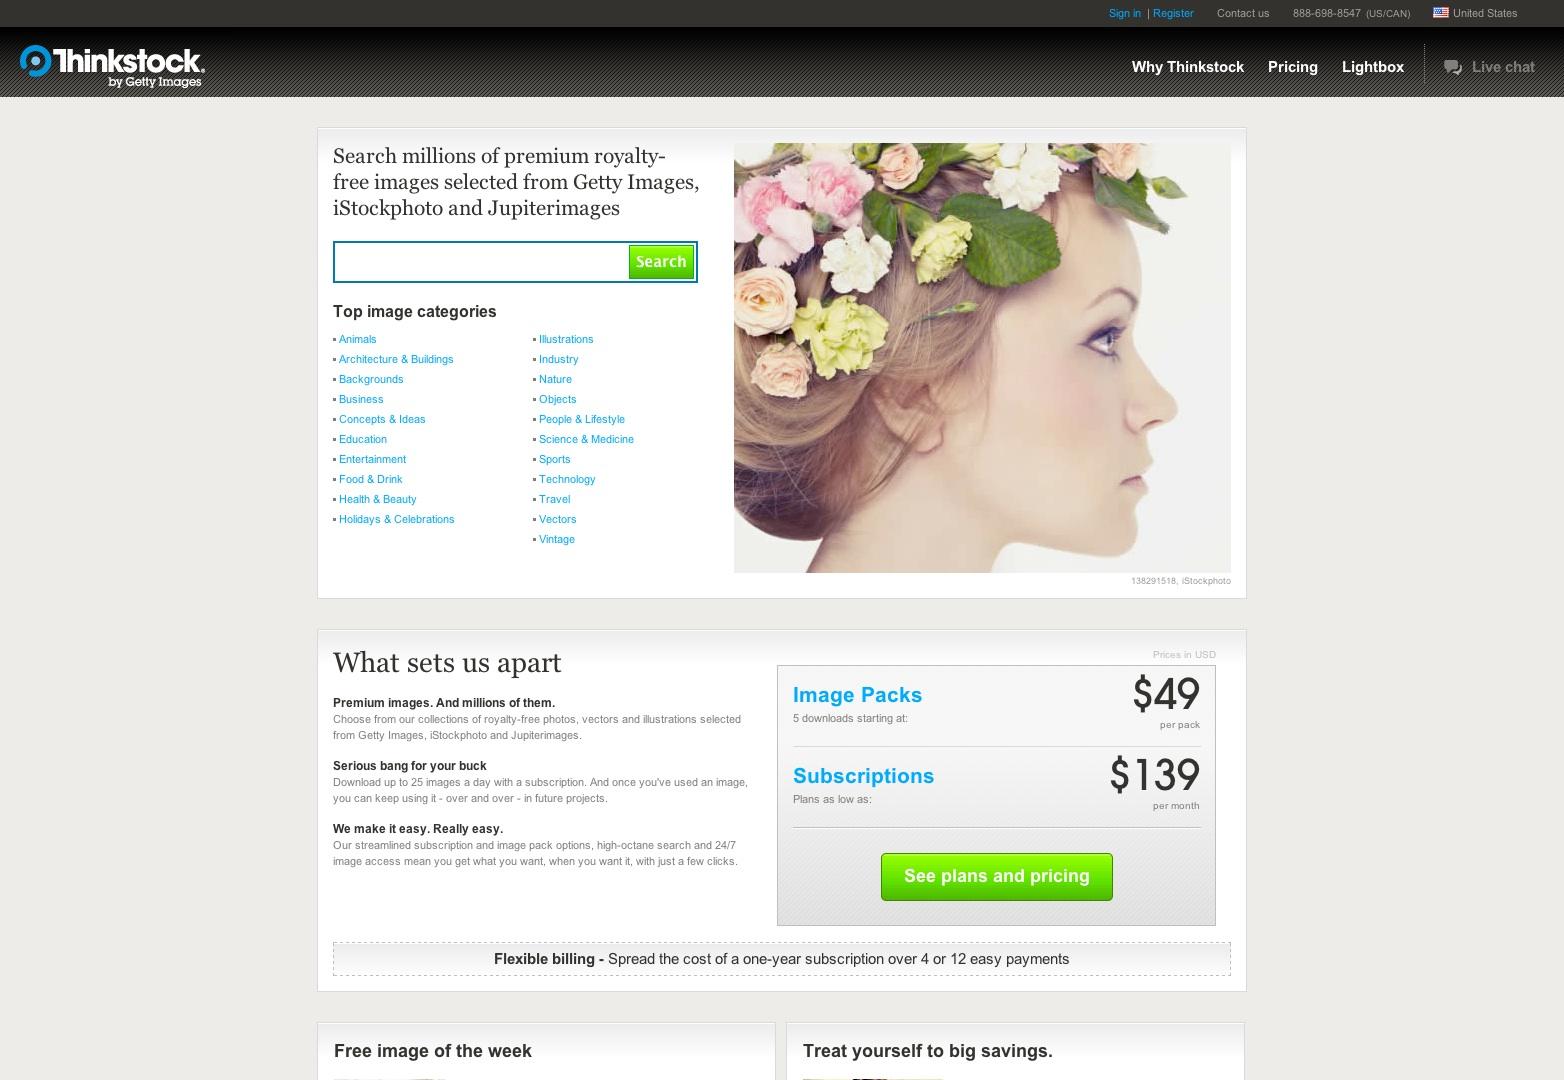 Descargar fotos, imágenes sin royalties, ilustraciones + vectores | Thinkstock